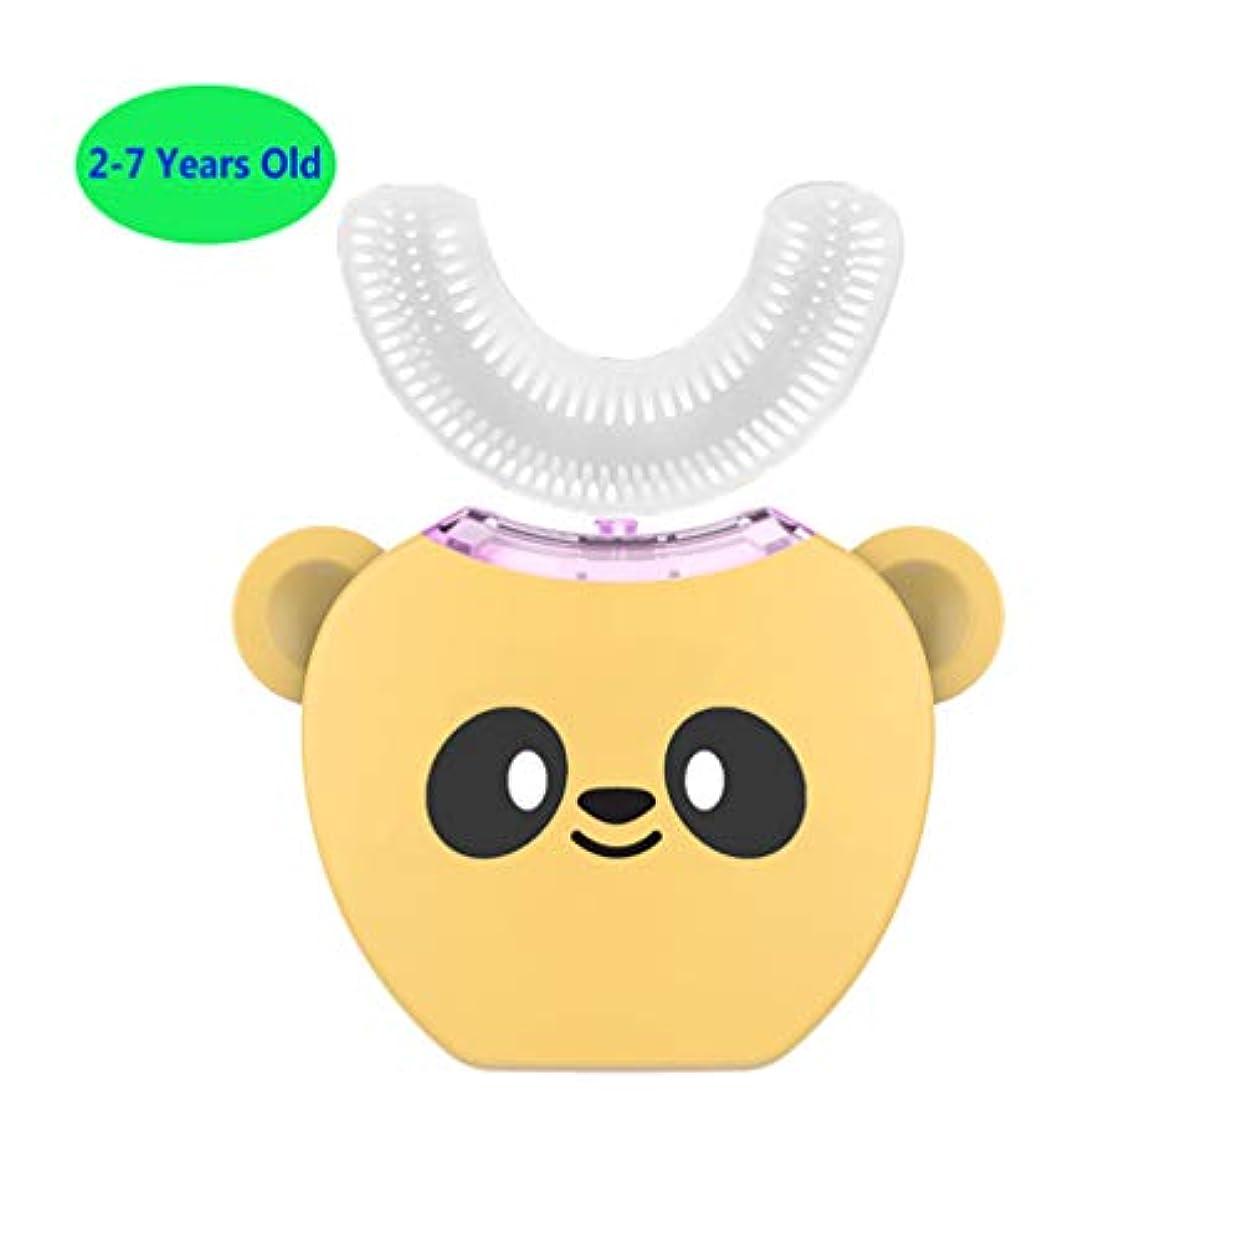 活発心理学朝ごはん子供のためのフルオートの電動歯ブラシ、360°超音波電動歯ブラシ、冷光、美白装置、自動歯ブラシ、ワイヤレス充電ドック,Yellow,2/7Years